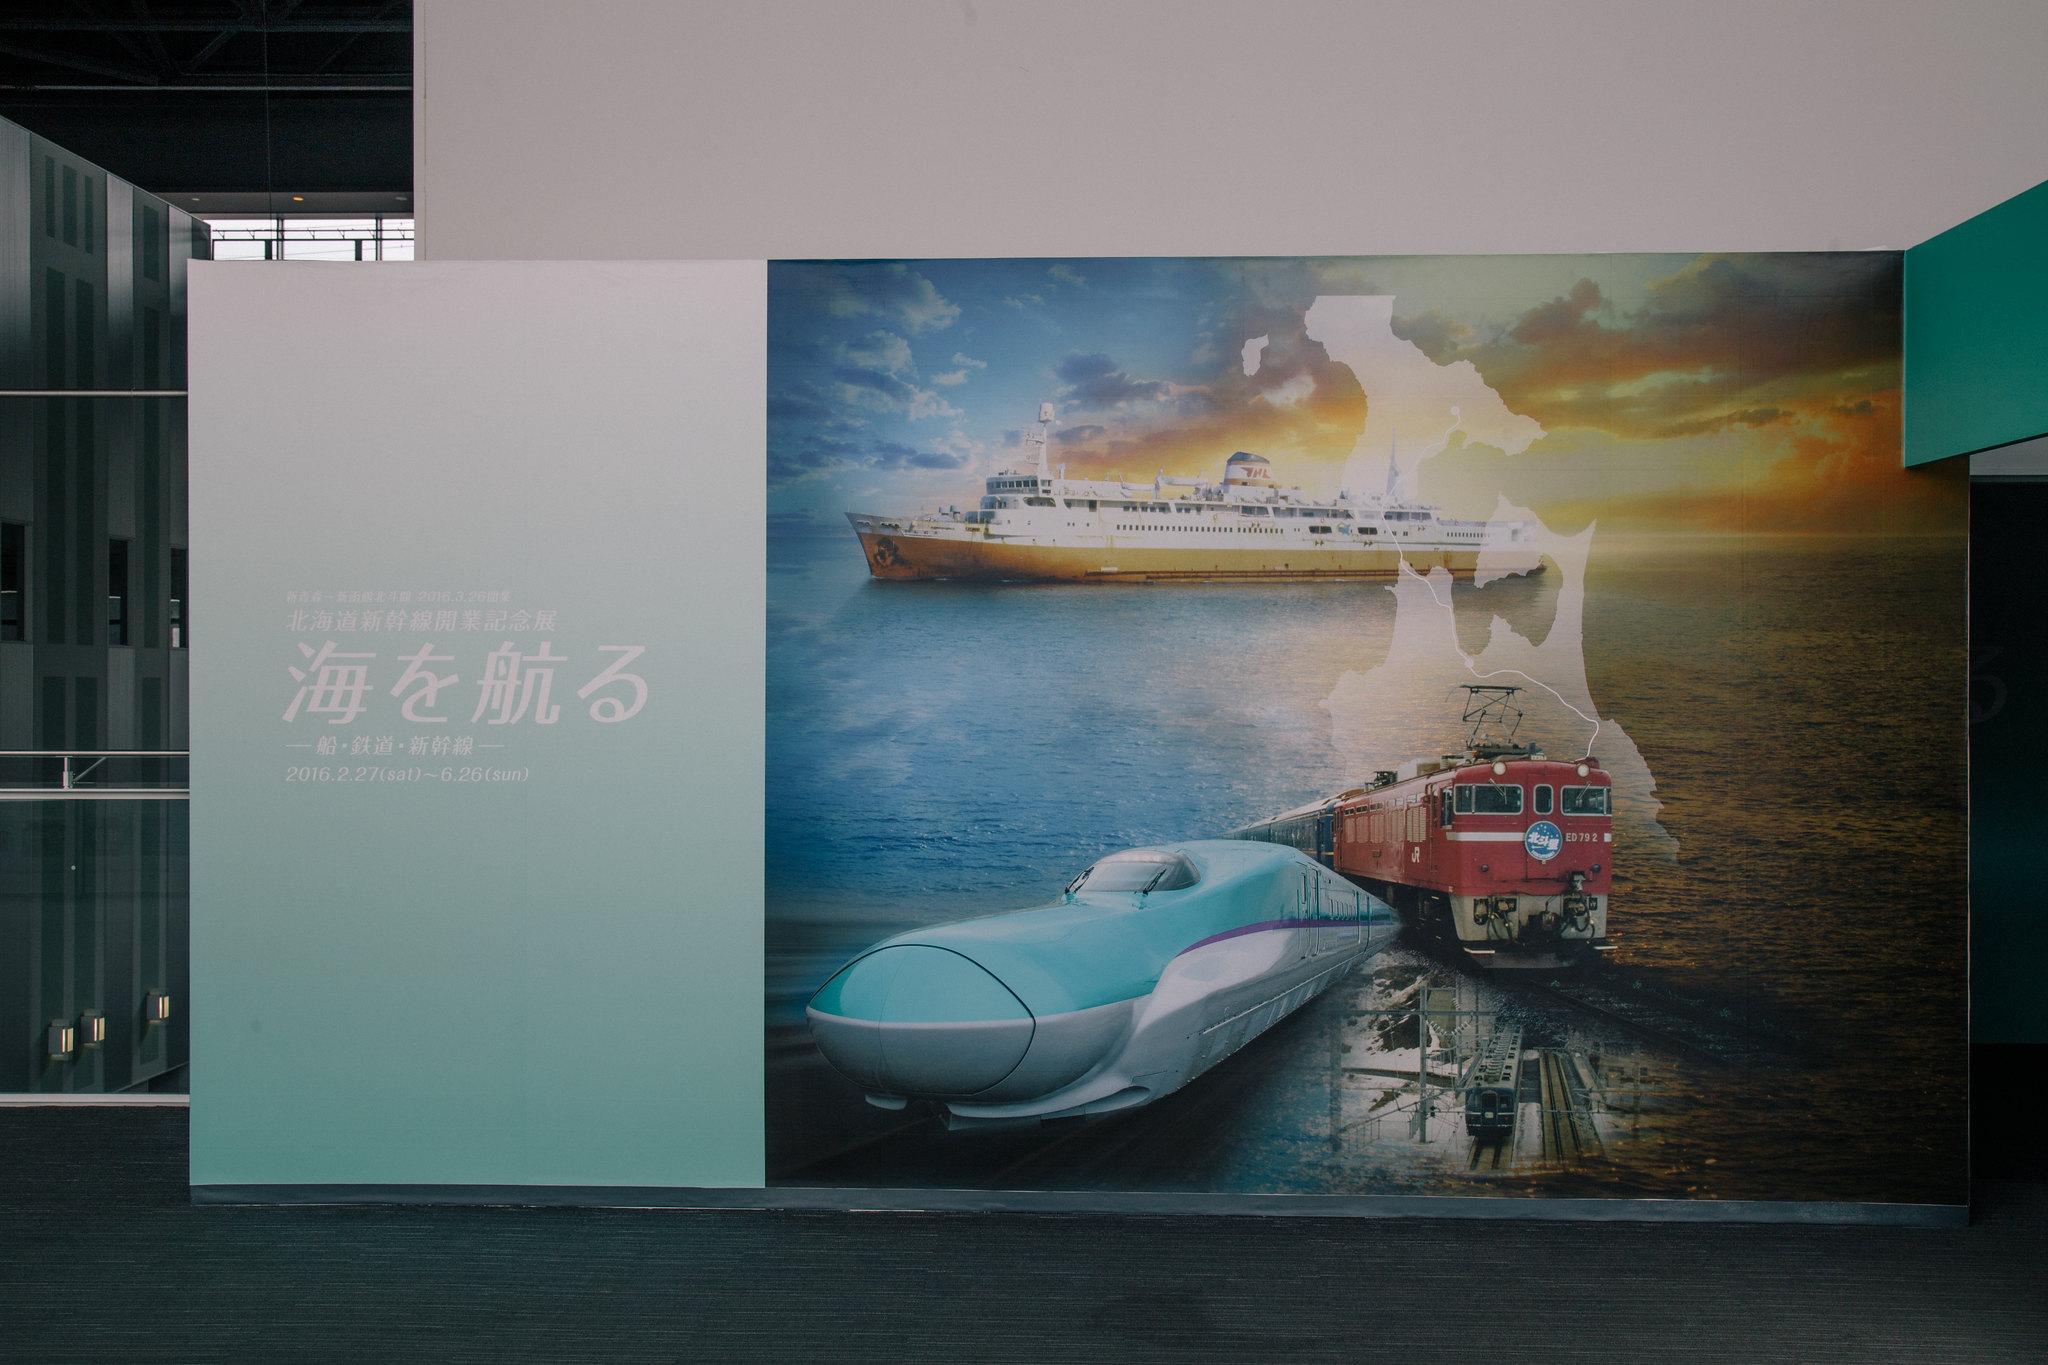 2016-06-06 鉄道博物館 001 のコピー